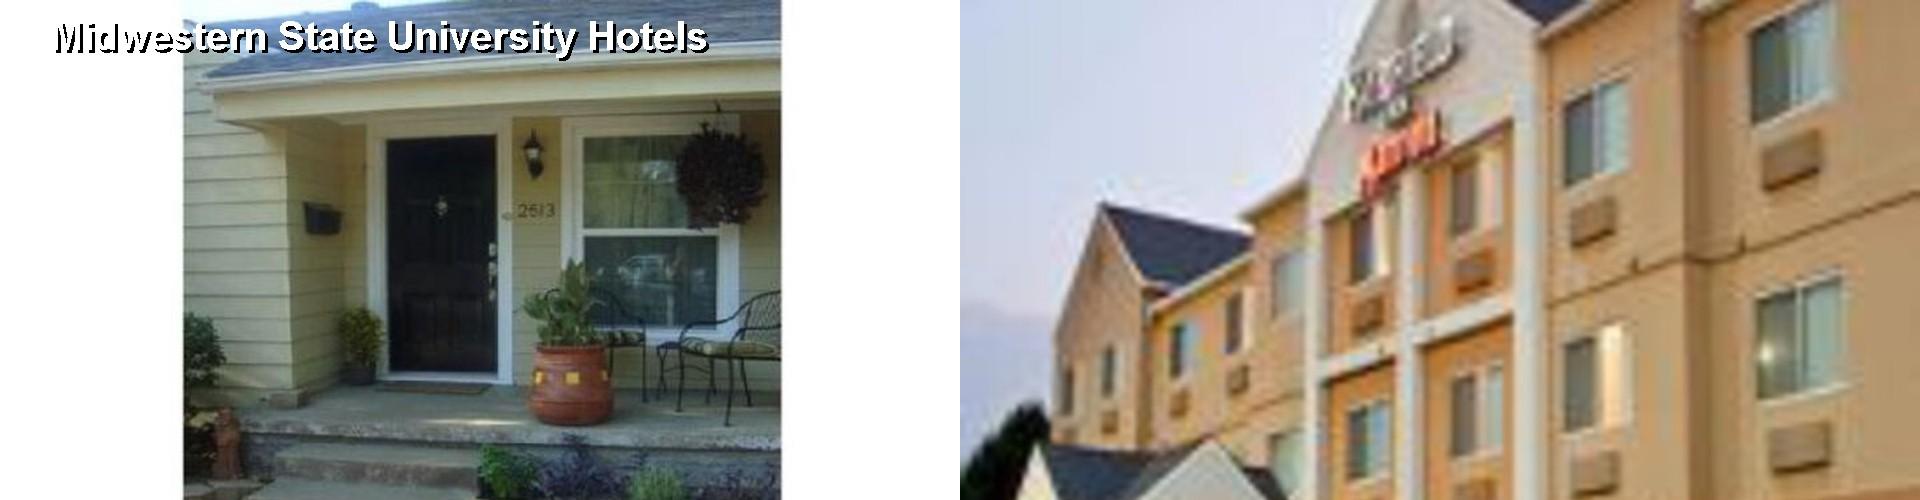 Hotels Close To Wichita State University